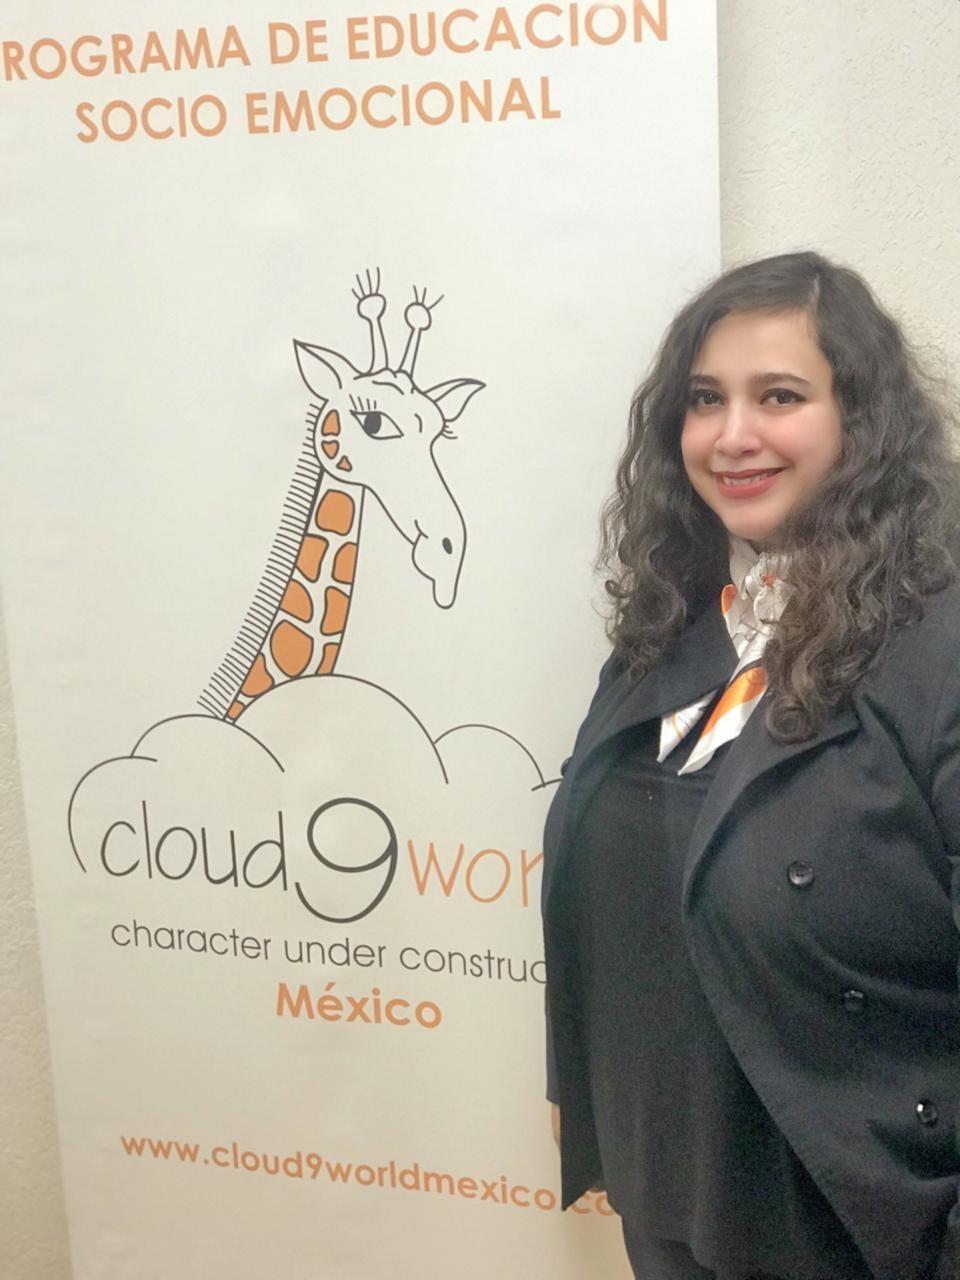 Luisa Medina